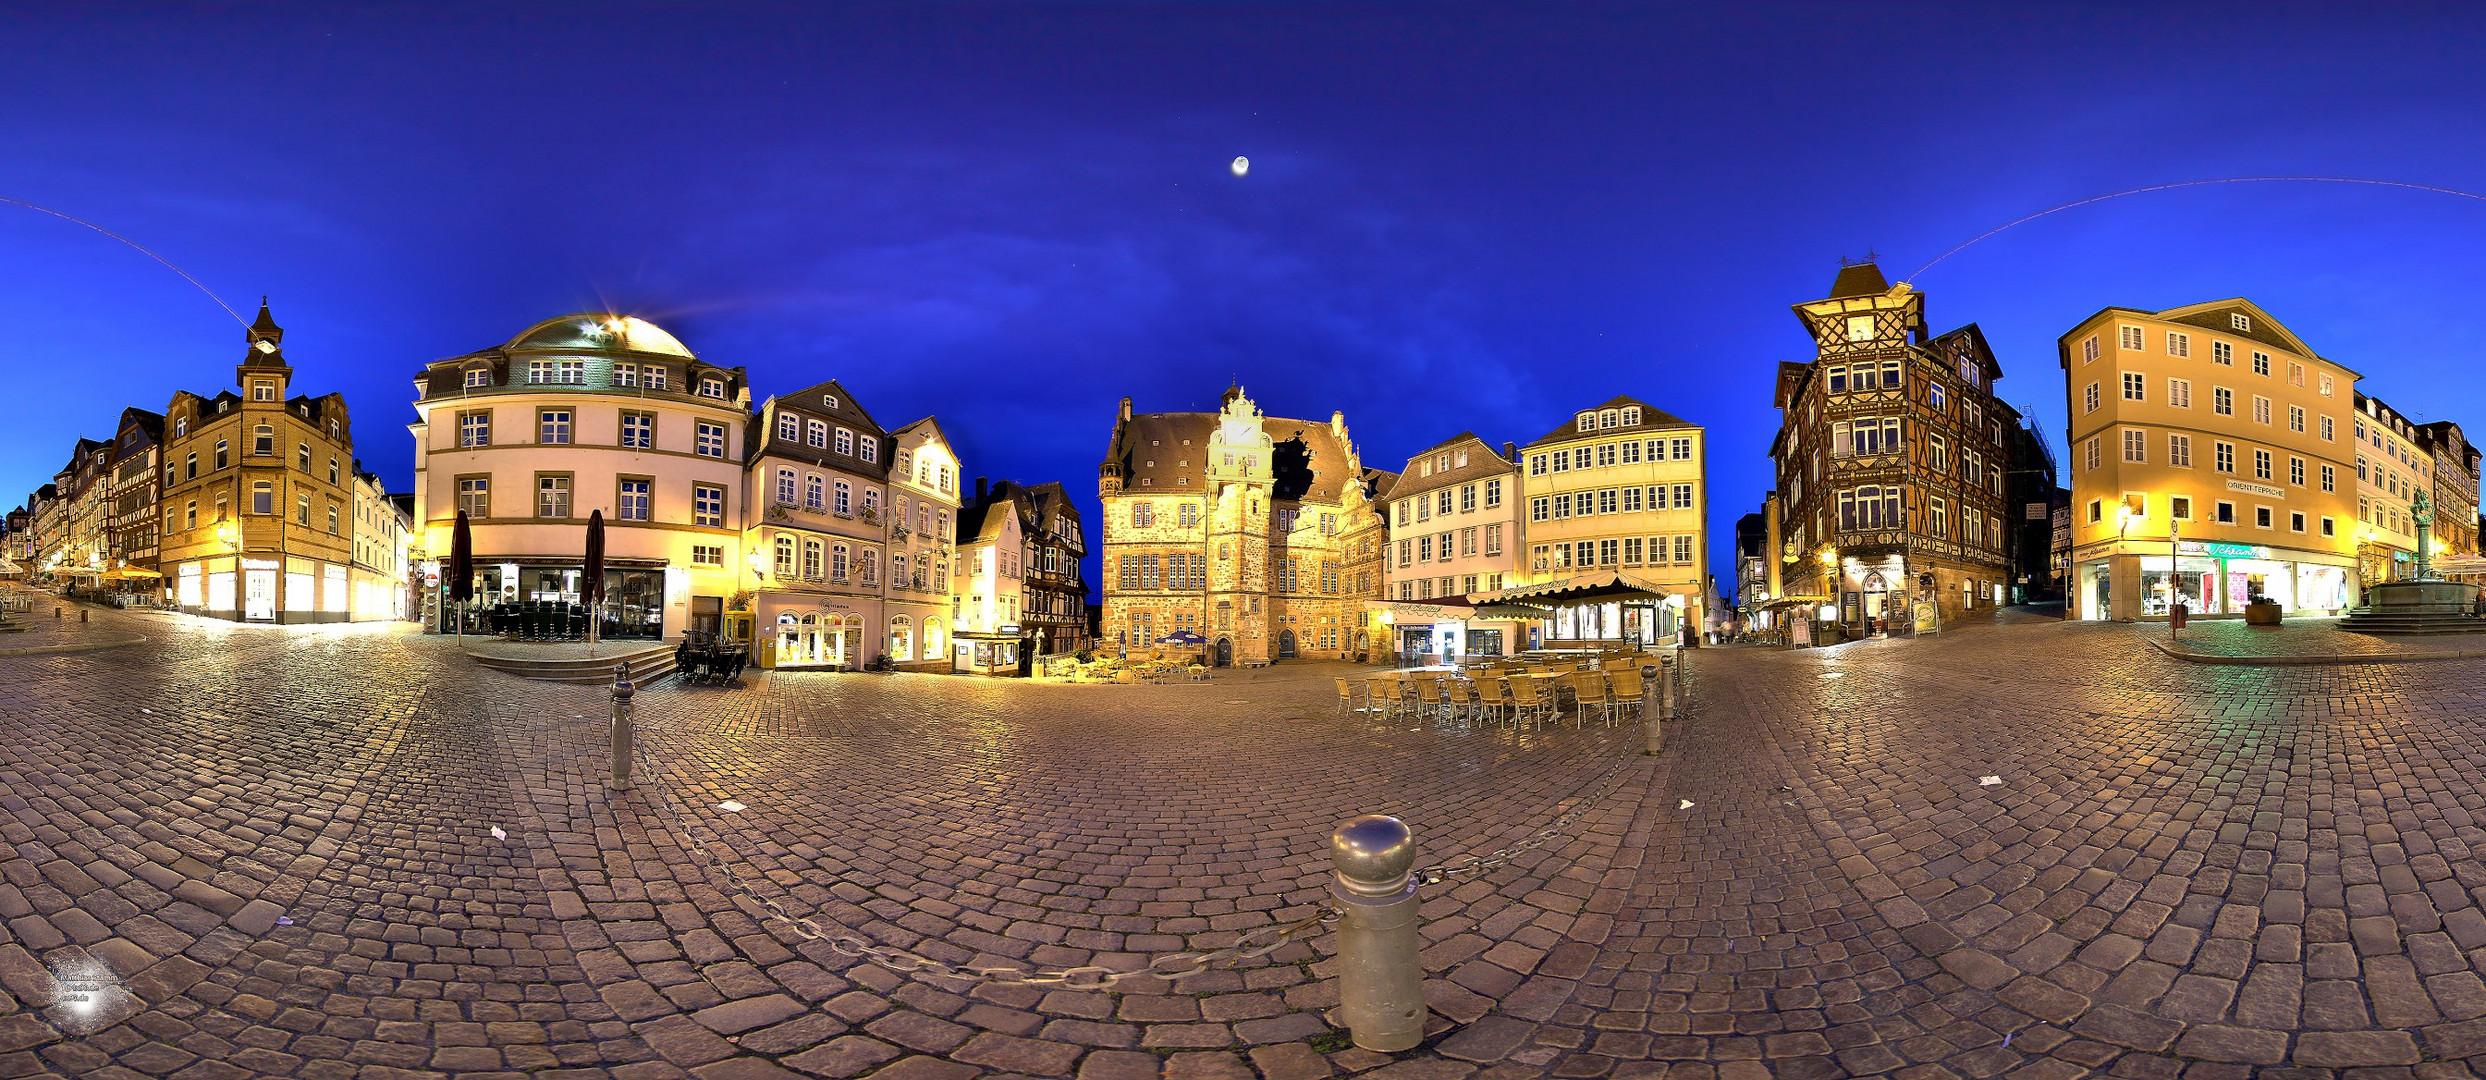 Marburg@night